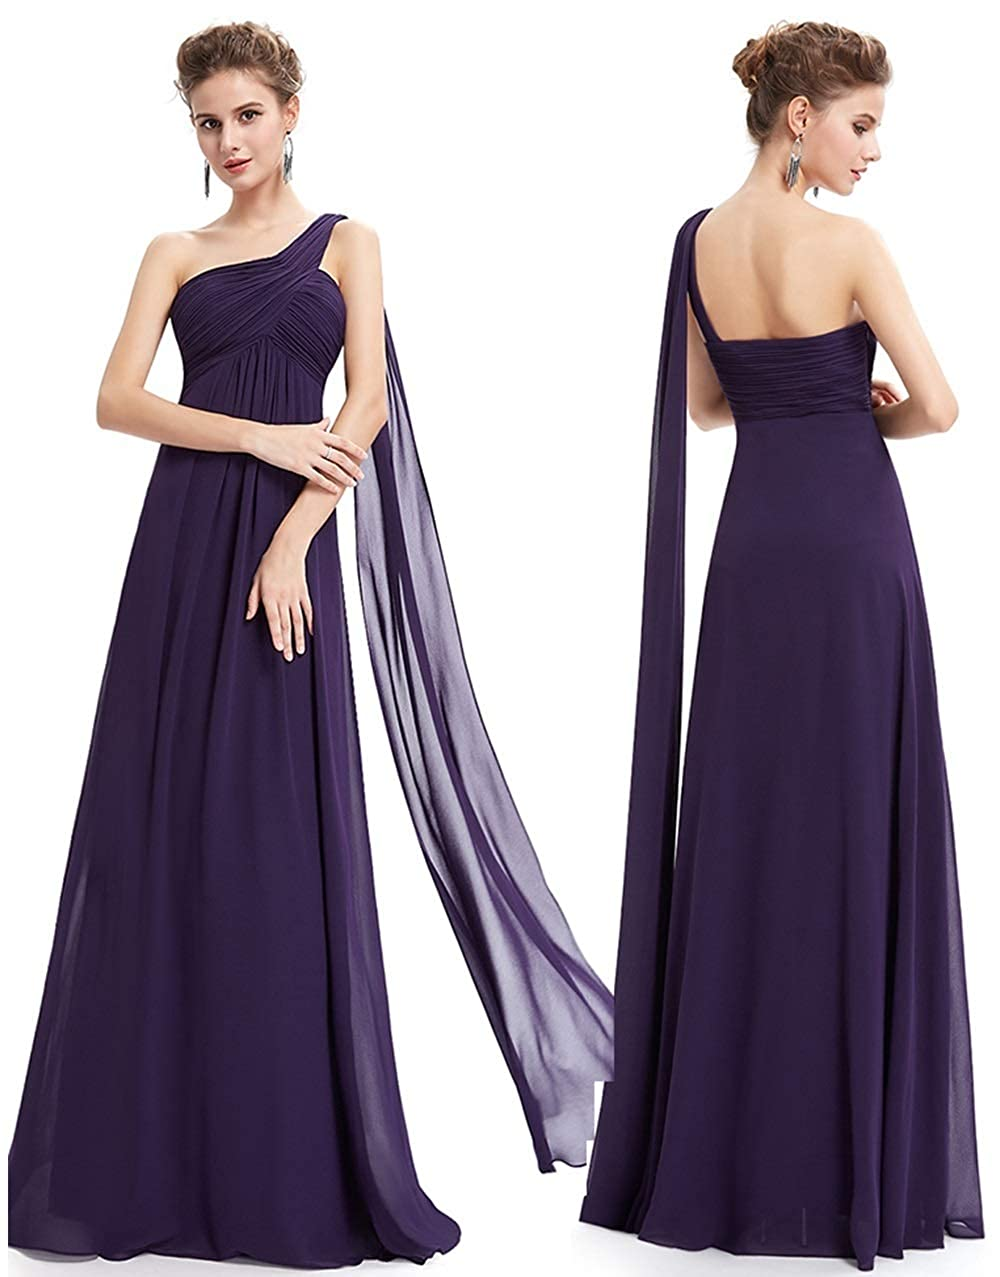 violet XL NJU Belle Mousseline de Soie fraîche Jupe Longue Demoiselle d'honneur Soeur Jupe Robe de soirée de Grande Taille